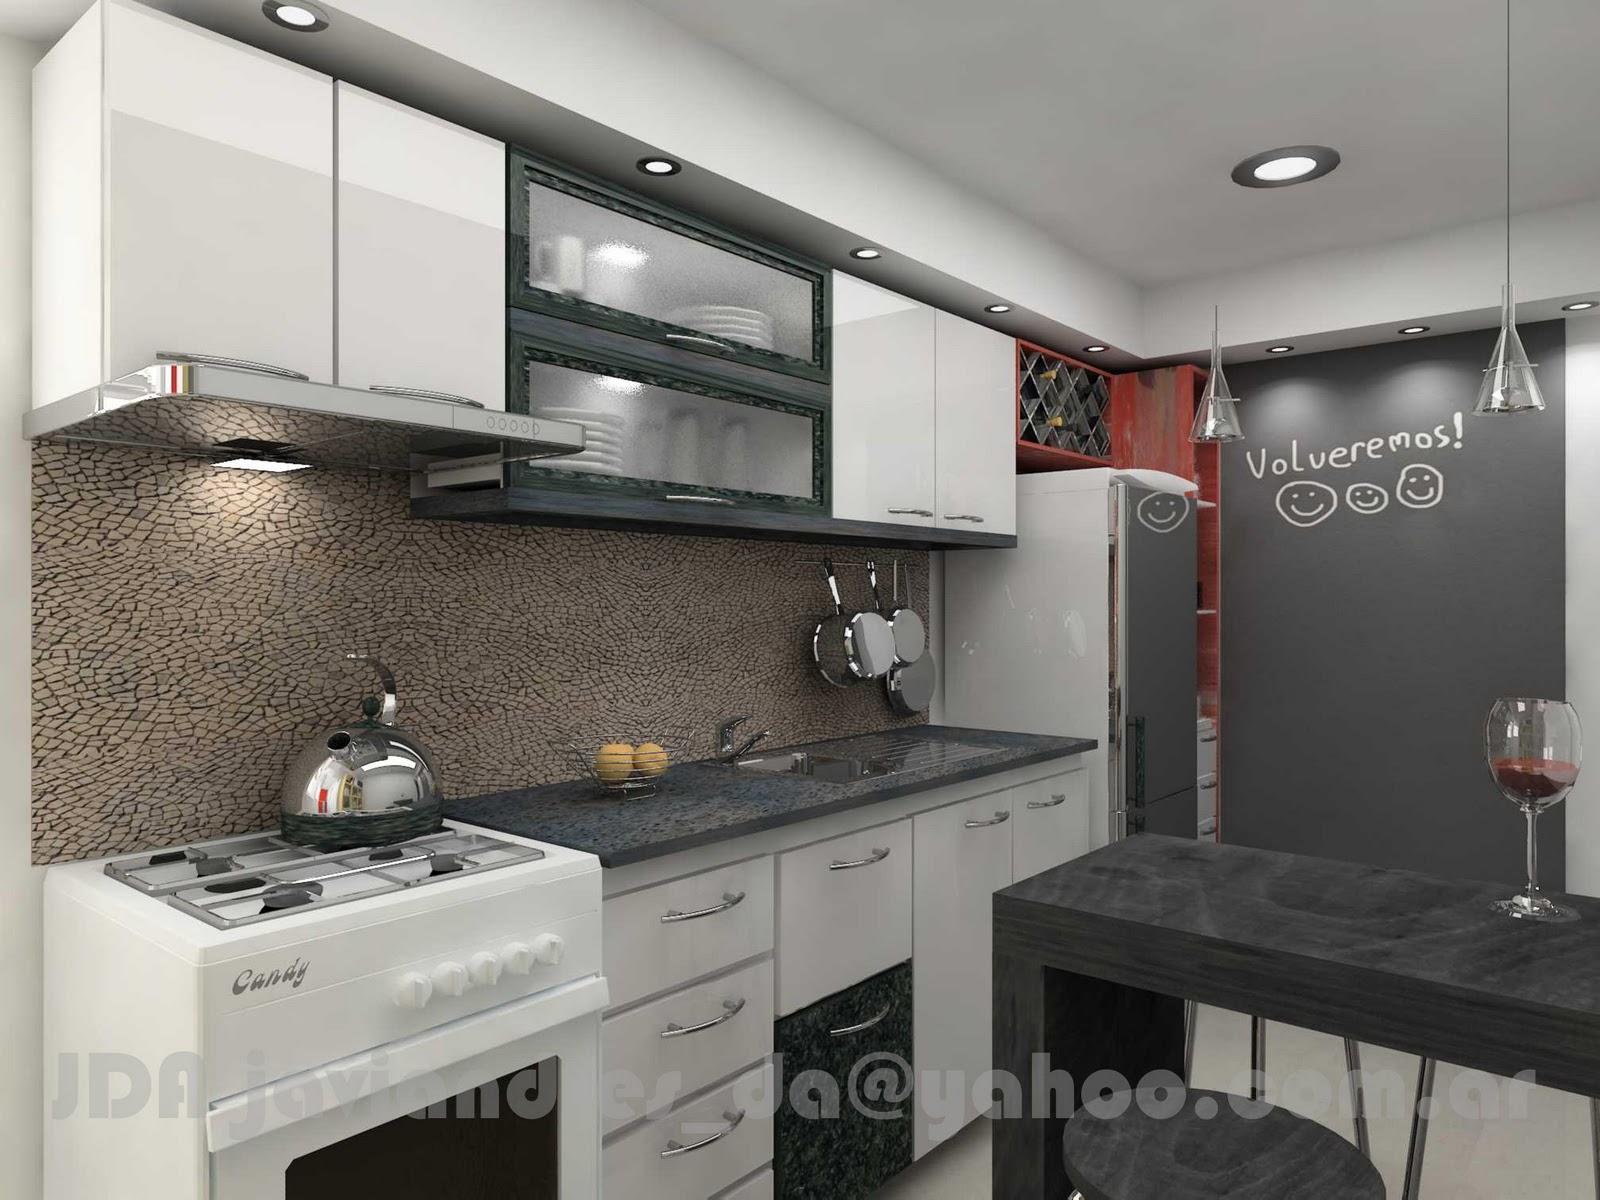 Arquitec maquetas remodelaci n de cocina dise o 3d - Diseno 3d cocinas ...